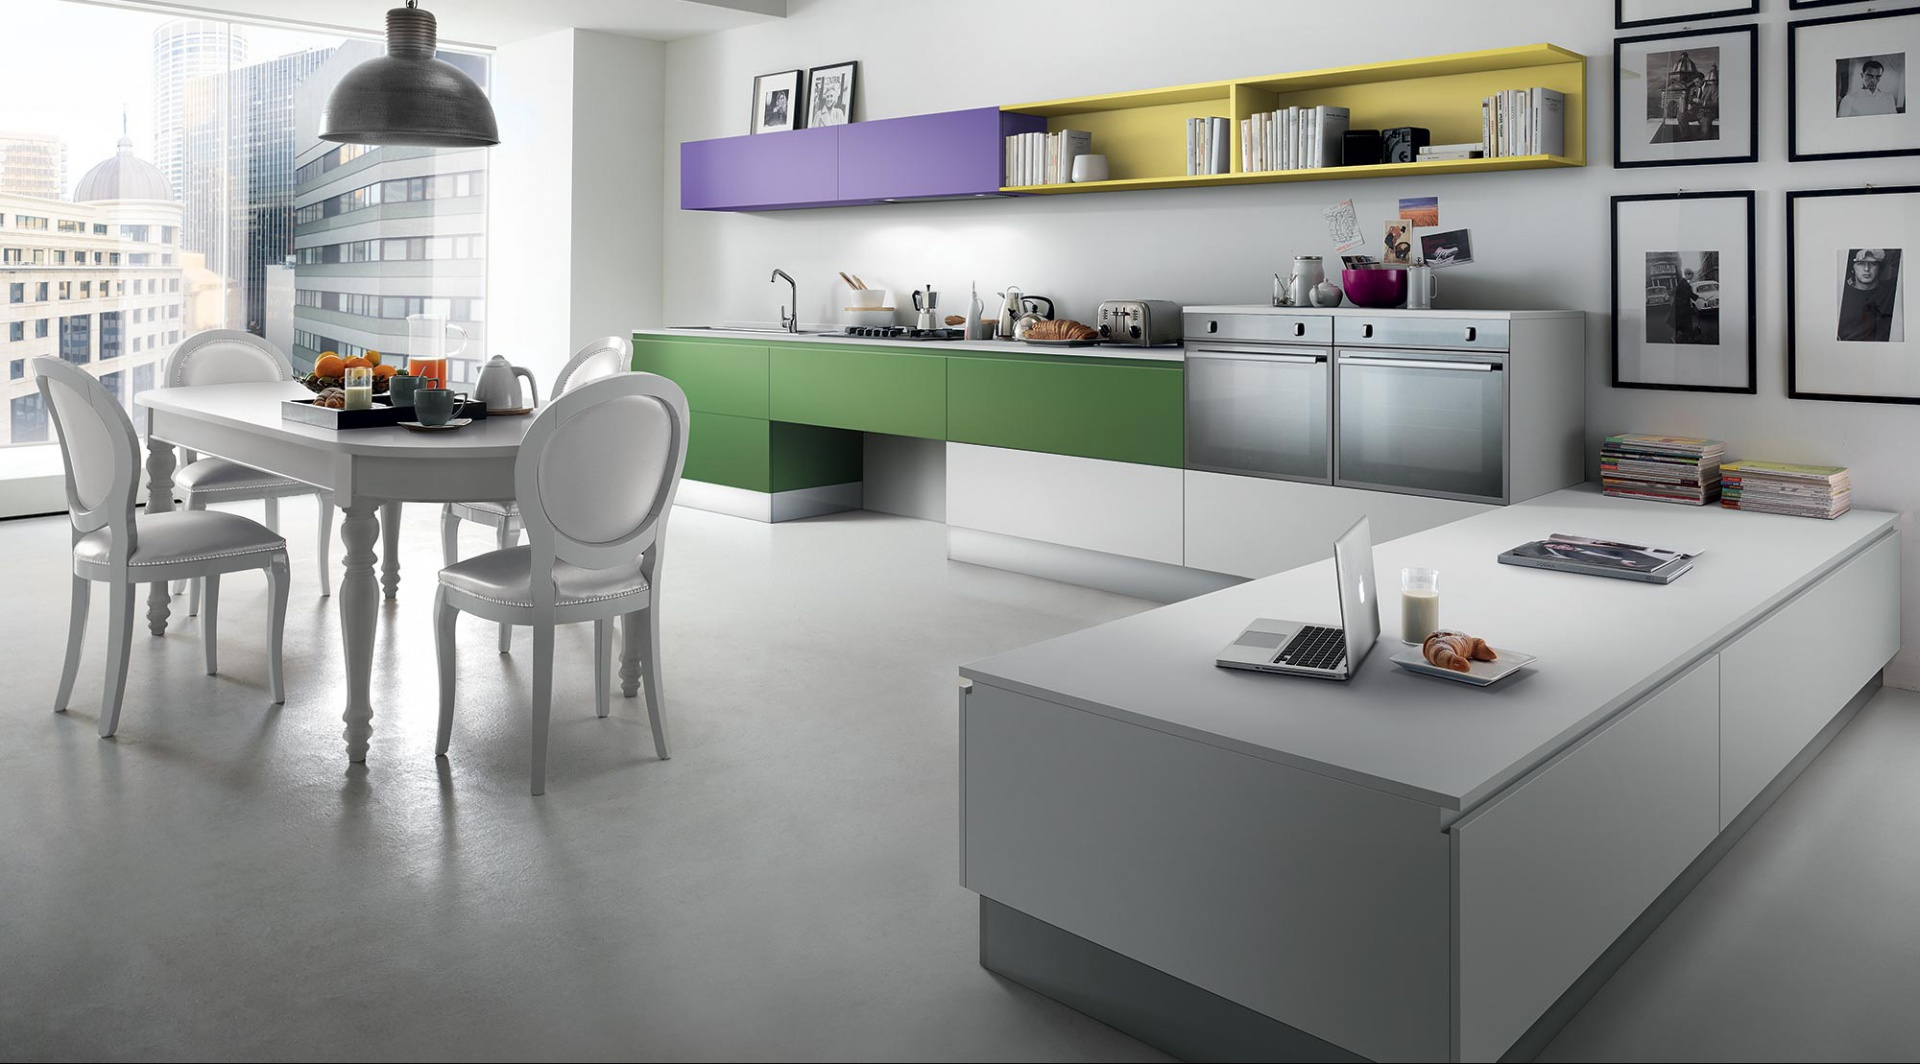 Meble z kolekcji Metropolis z oferty firmy Municchi Cucine. Dominującą w kuchni biel ożywiają kolorowe akcenty. Proste, nowoczesna meble doskonale pasują do stołu i krzeseł w bardziej stylizowanym wydaniu. Widok na miasto mamy z każdego miejsca w kuchni. Bo zamiast tradycyjnej elewacji mamy tu ogromne przeszklenie.